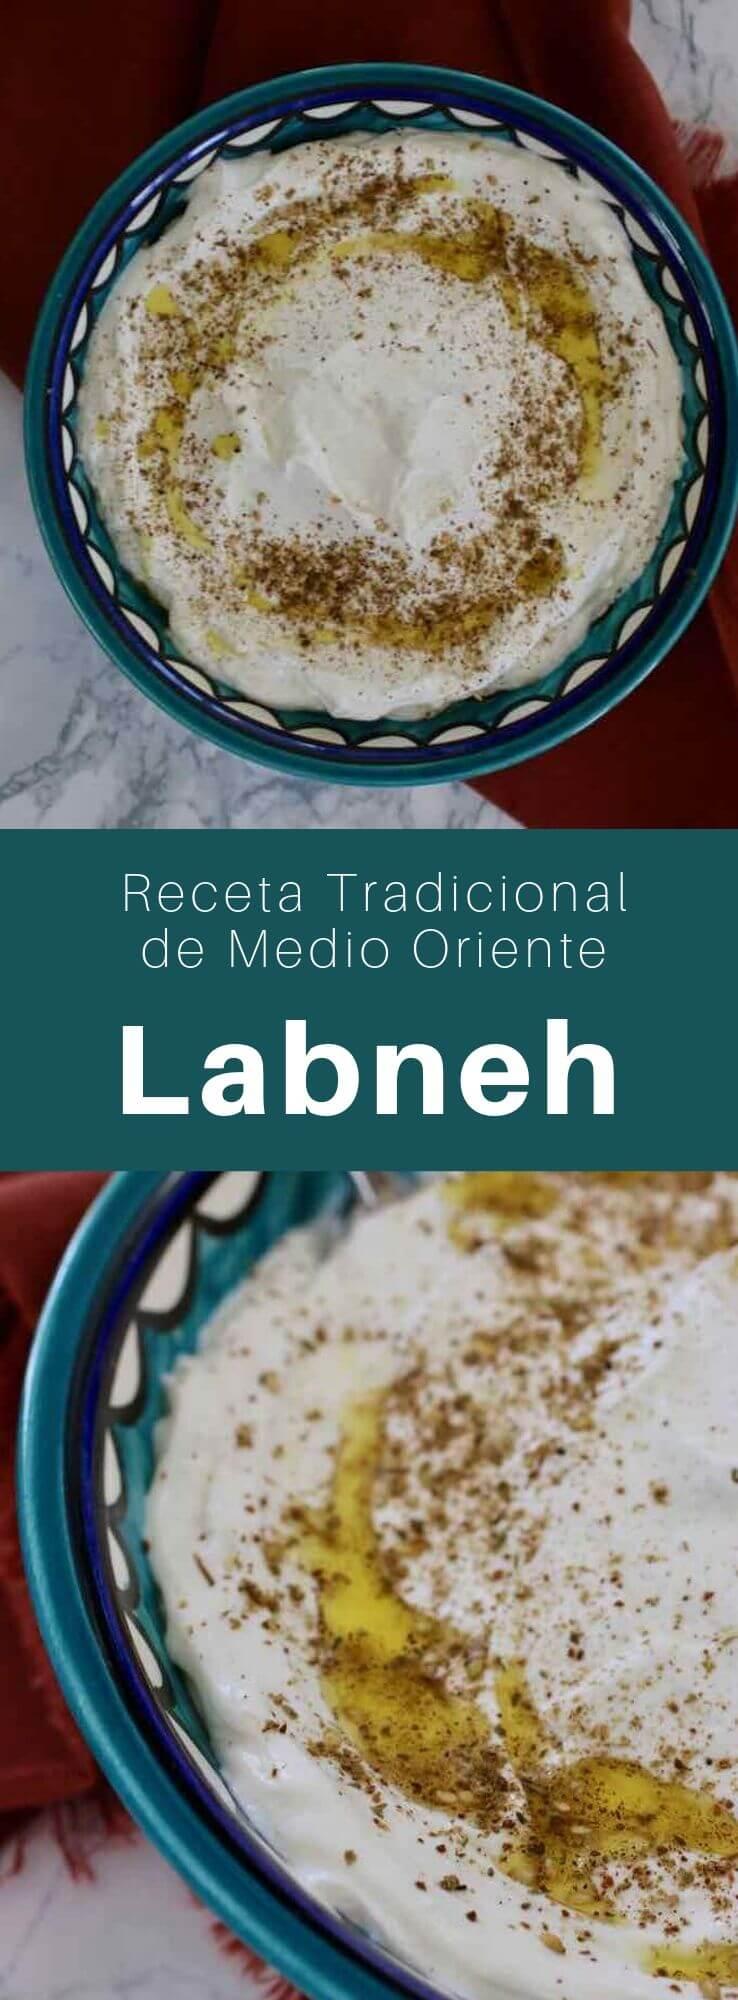 El labneh es una especialidad del Medio Oriente, un tipo de queso preparado a partir de un yogur elaborado con una leche rica que se escurre para eliminar la mayor parte del suero.